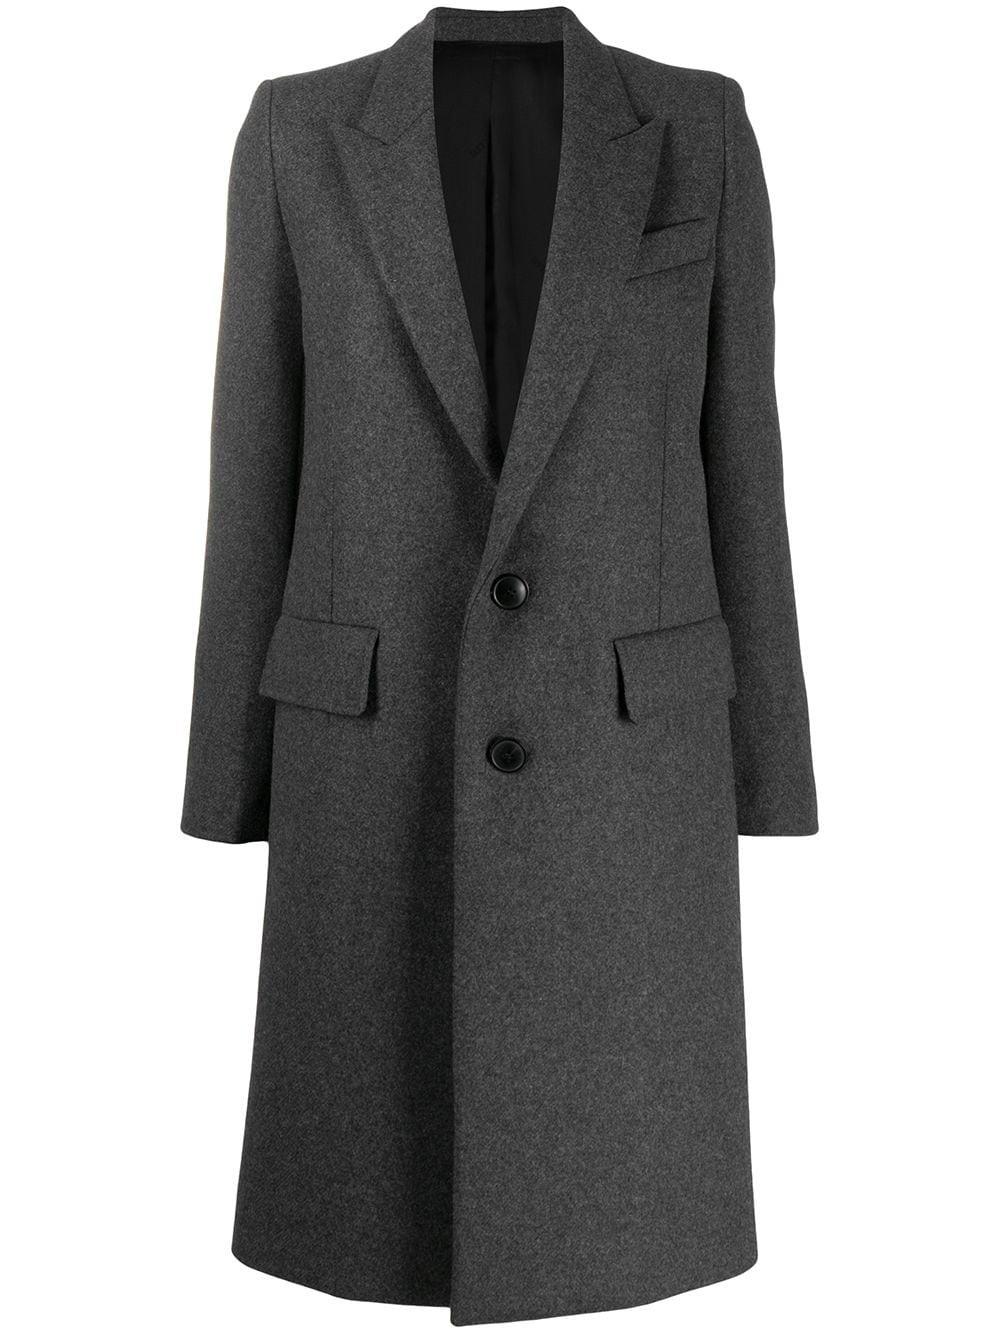 Wool belnd coat